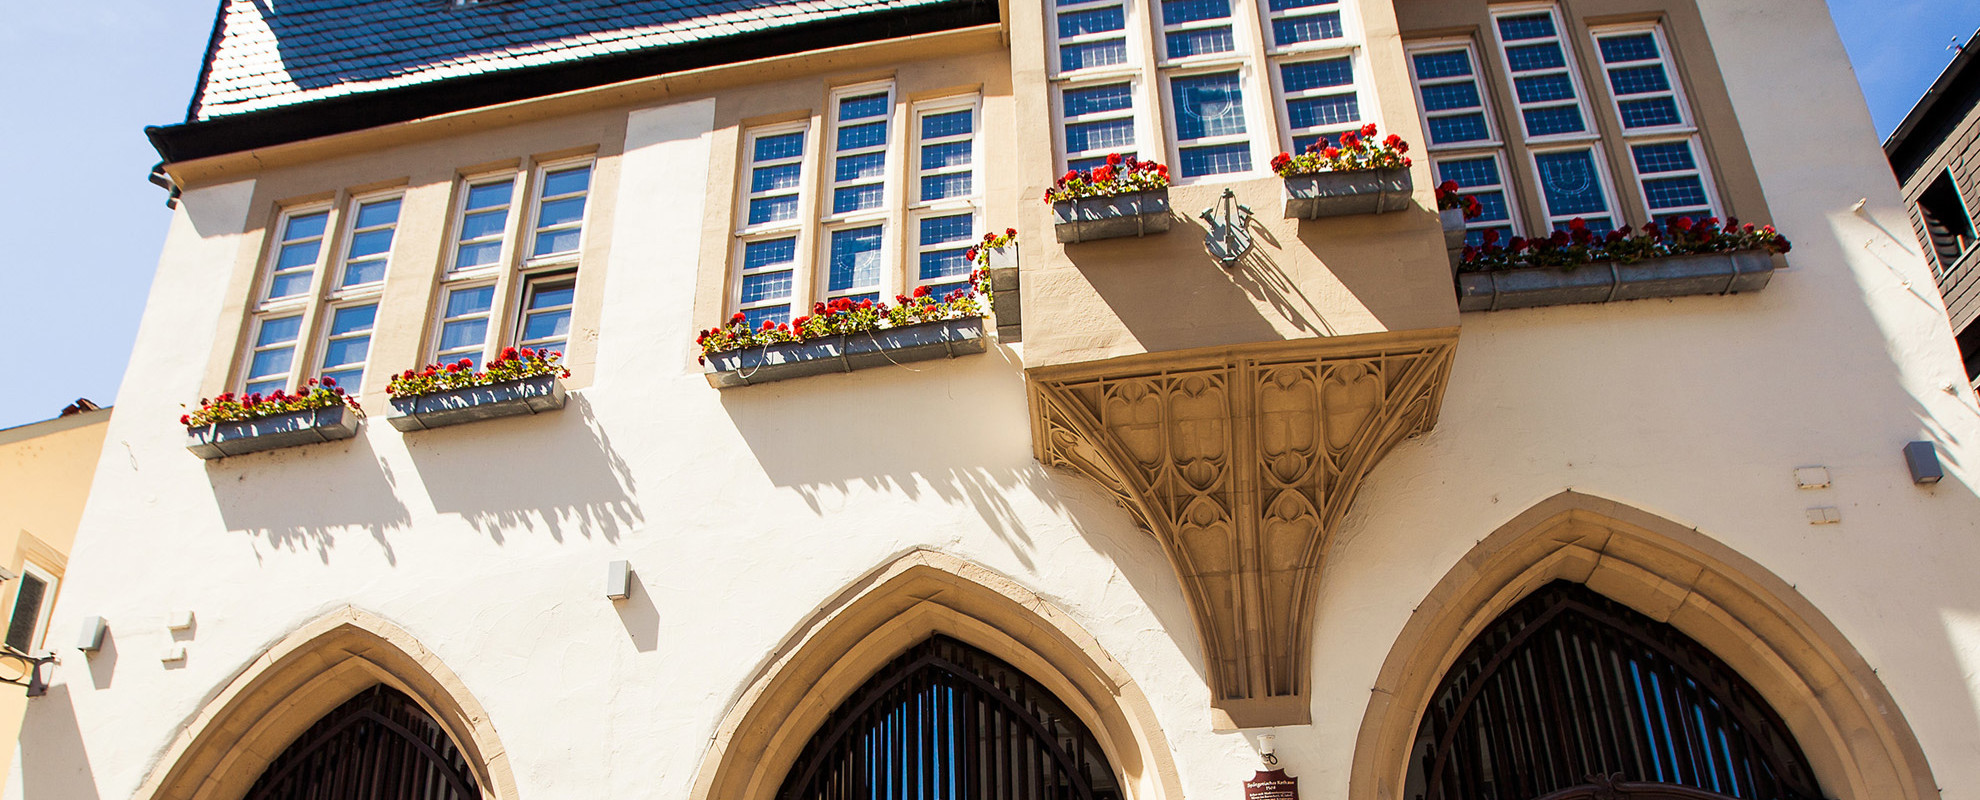 Das spätgotische Rathaus